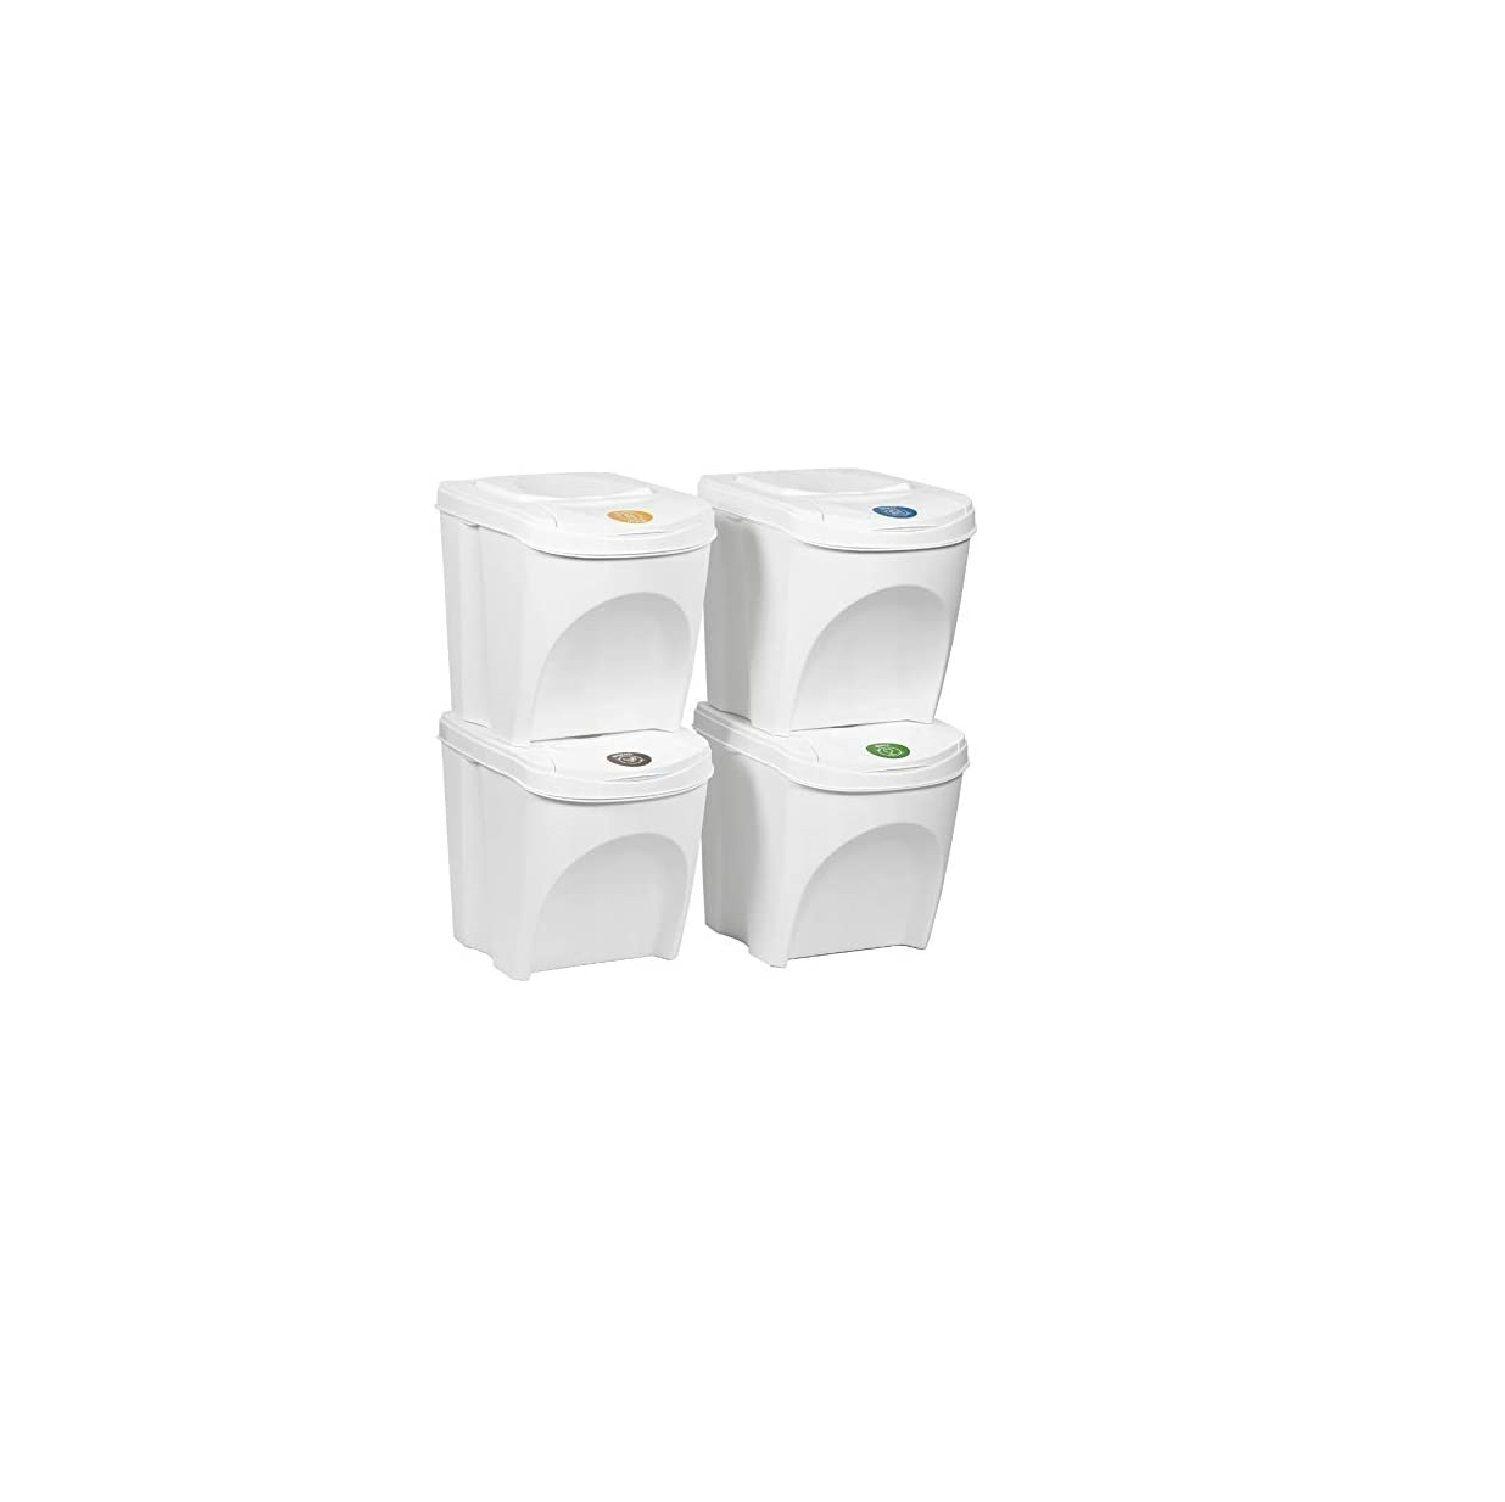 Sada 4 odpadkových košů SORTIBOX bílá 392x293x325 s bílým víkem a nálepkami PROSPERPLAST